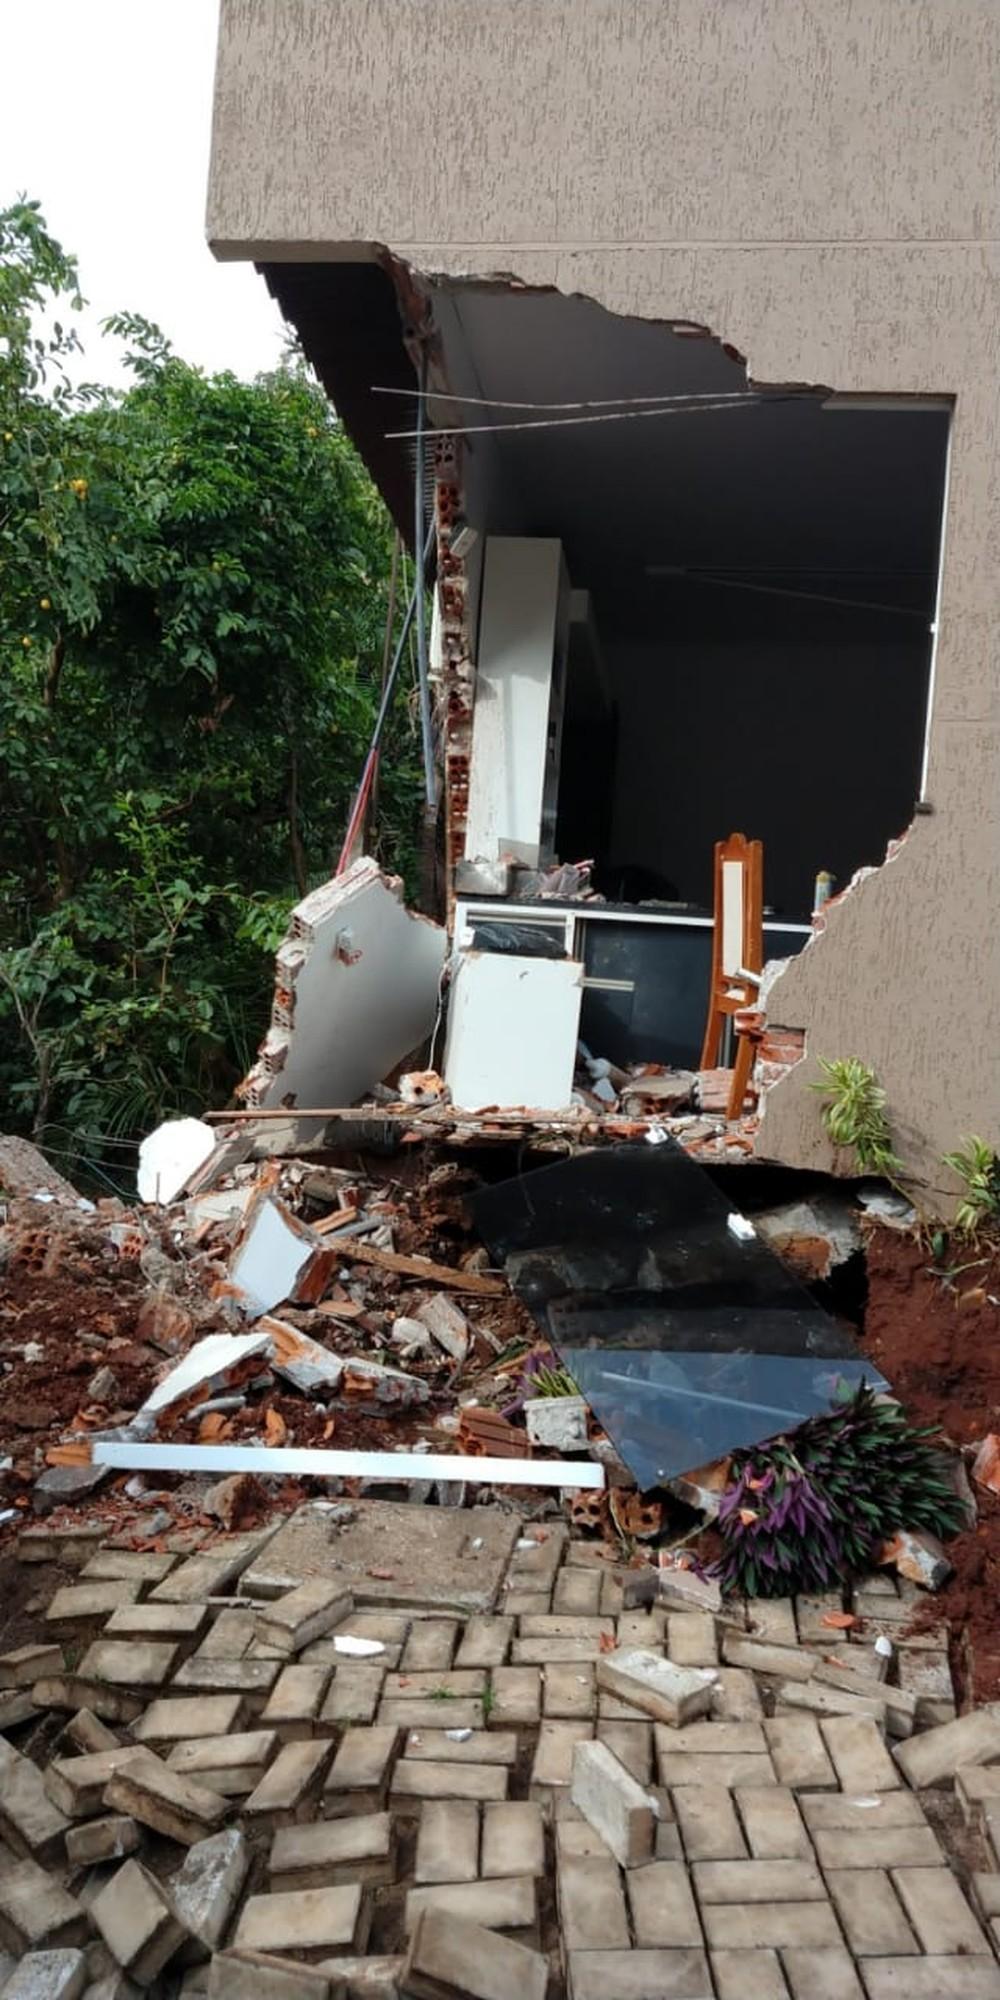 Acidente ocorreu na tarde desta sexta-feira (14), no oeste do Paraná - Foto: Paulo Sima